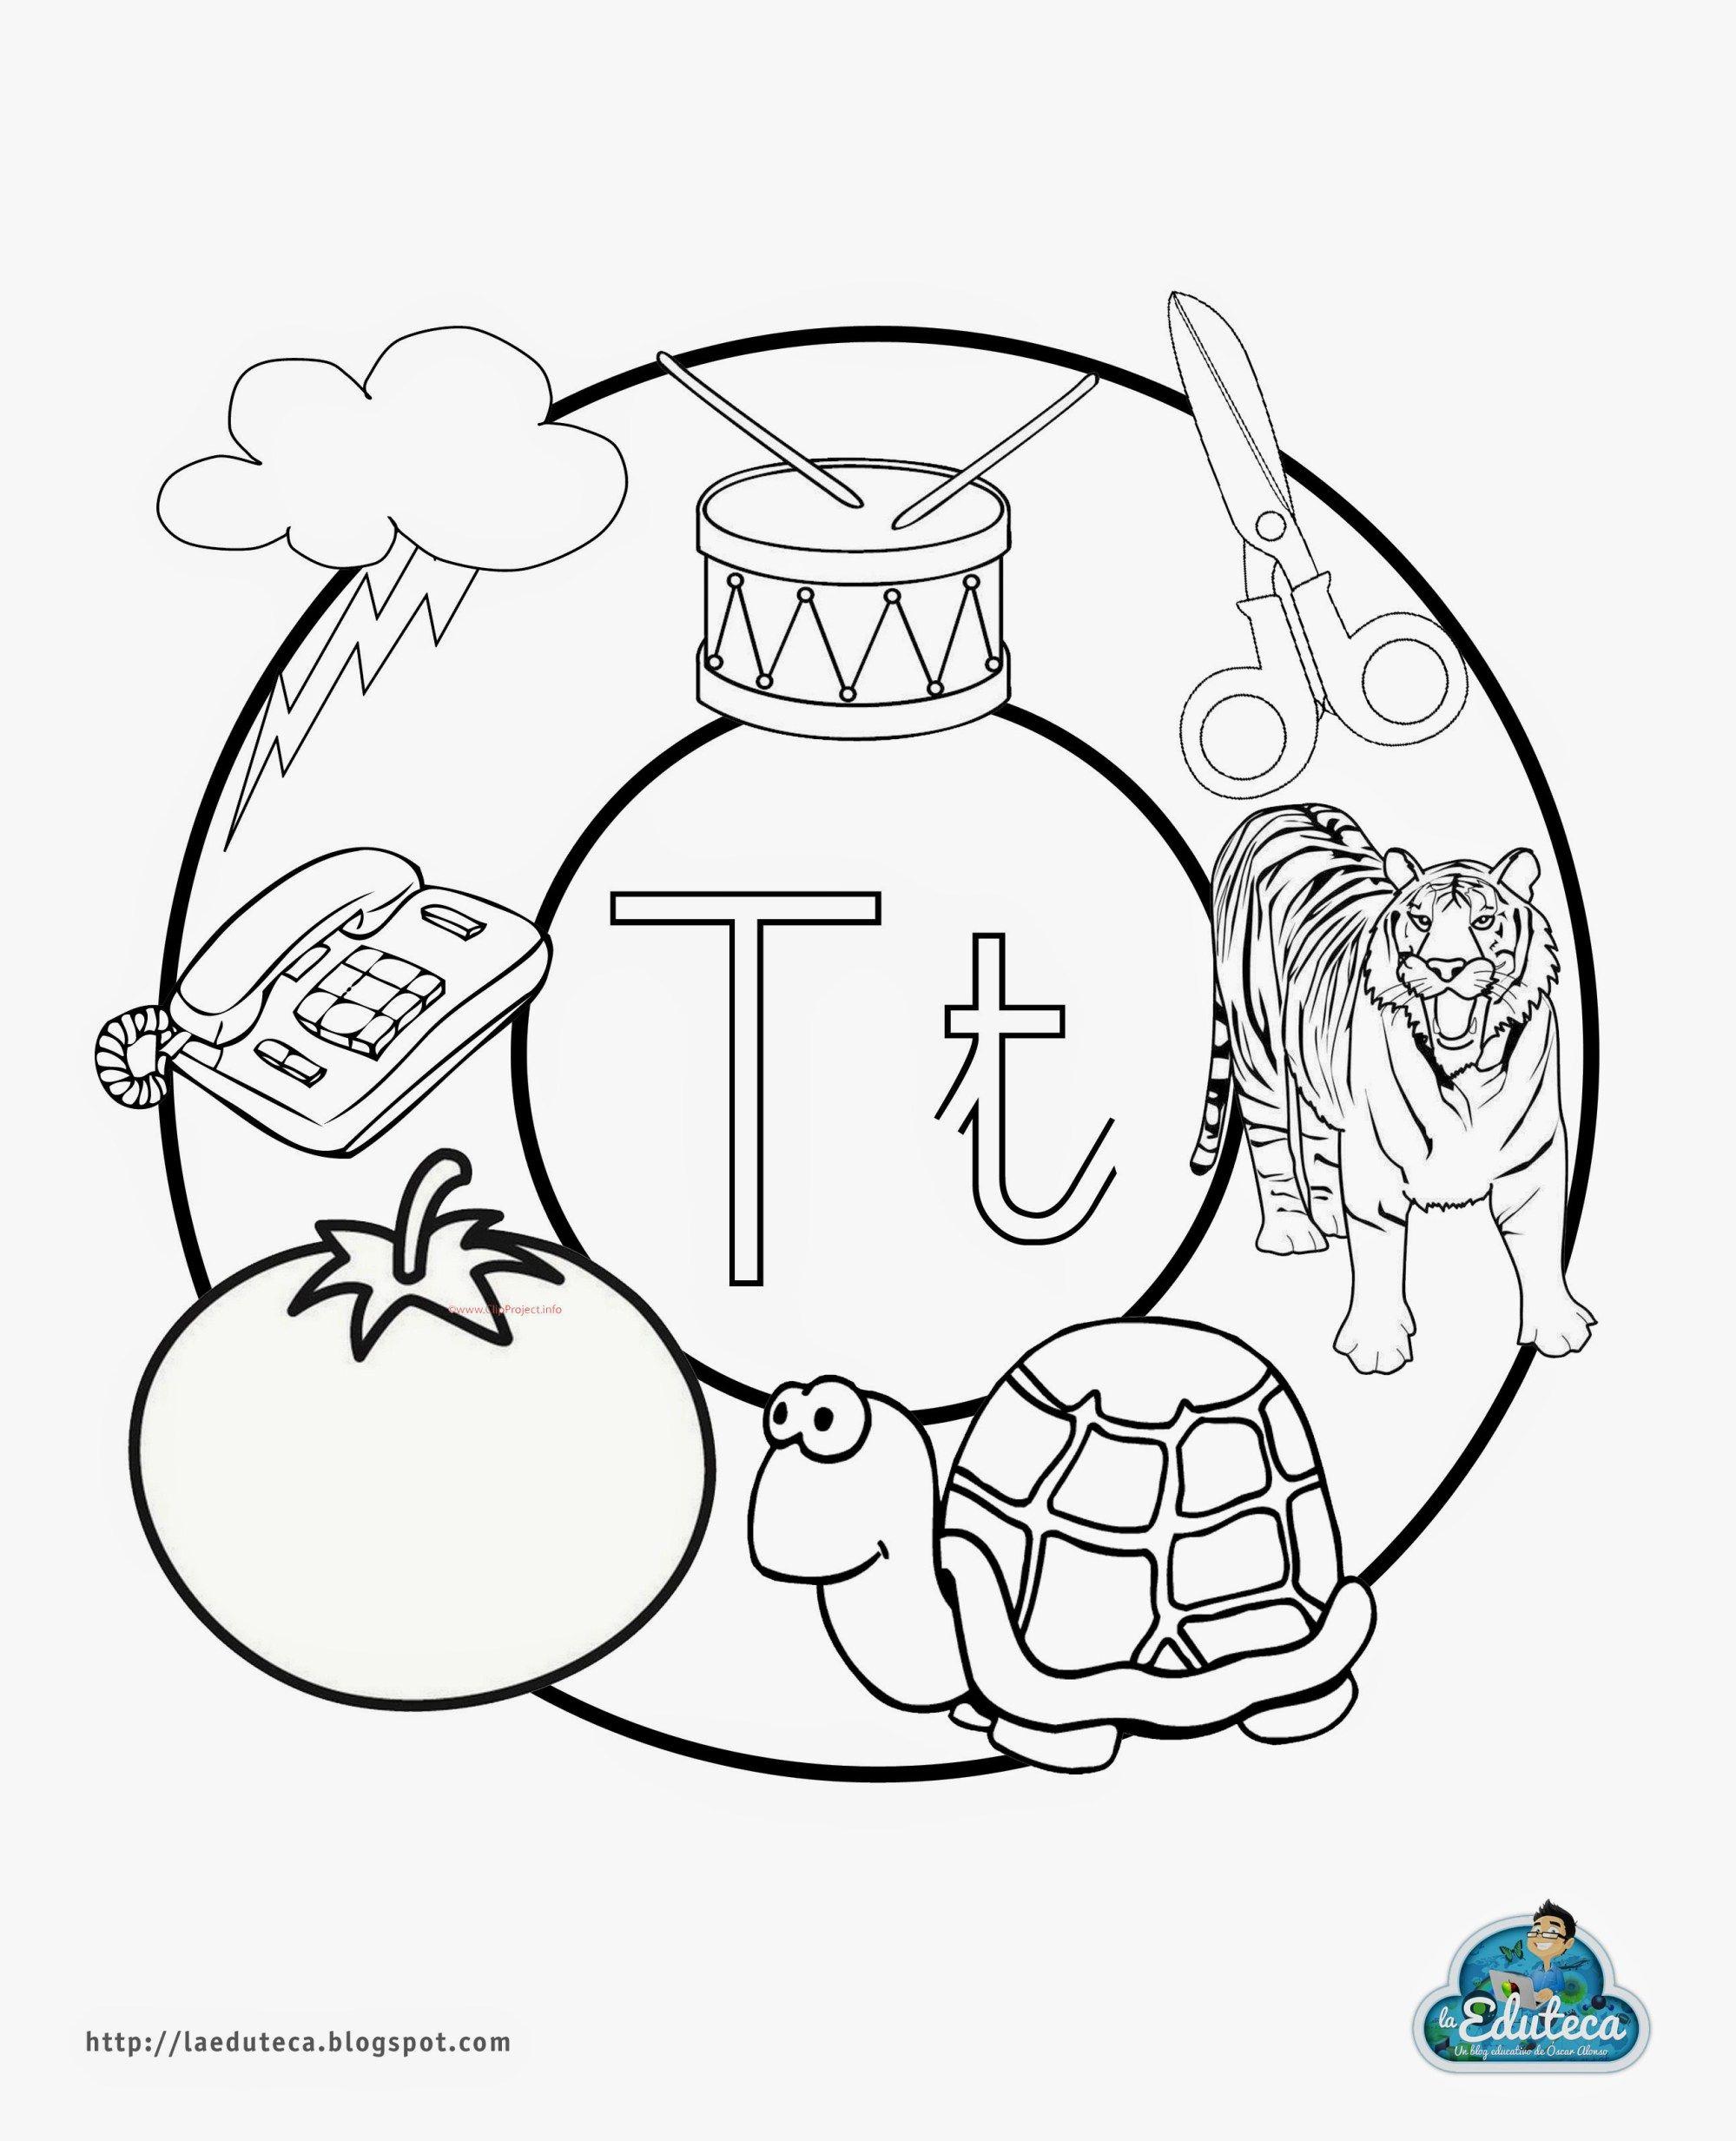 Coloring activities speech therapy - Otra Colecci N De Mandalas De Letras Del Abecedario De Eduteca